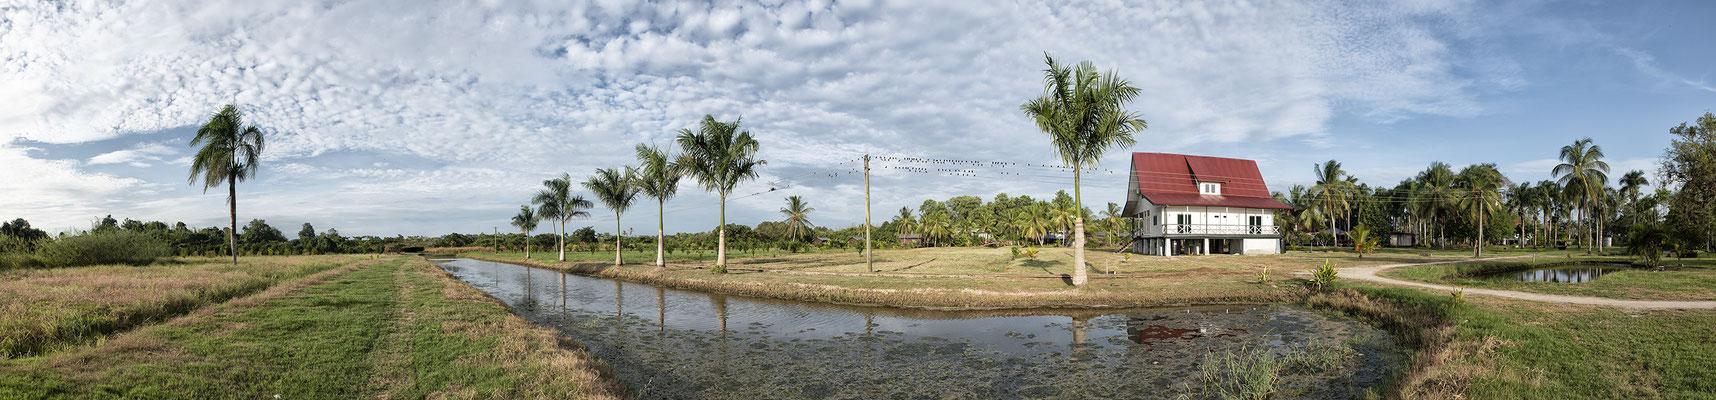 Voormalige koffie en cacaoplantage Frederiksdorp te Suriname ( 2019 )